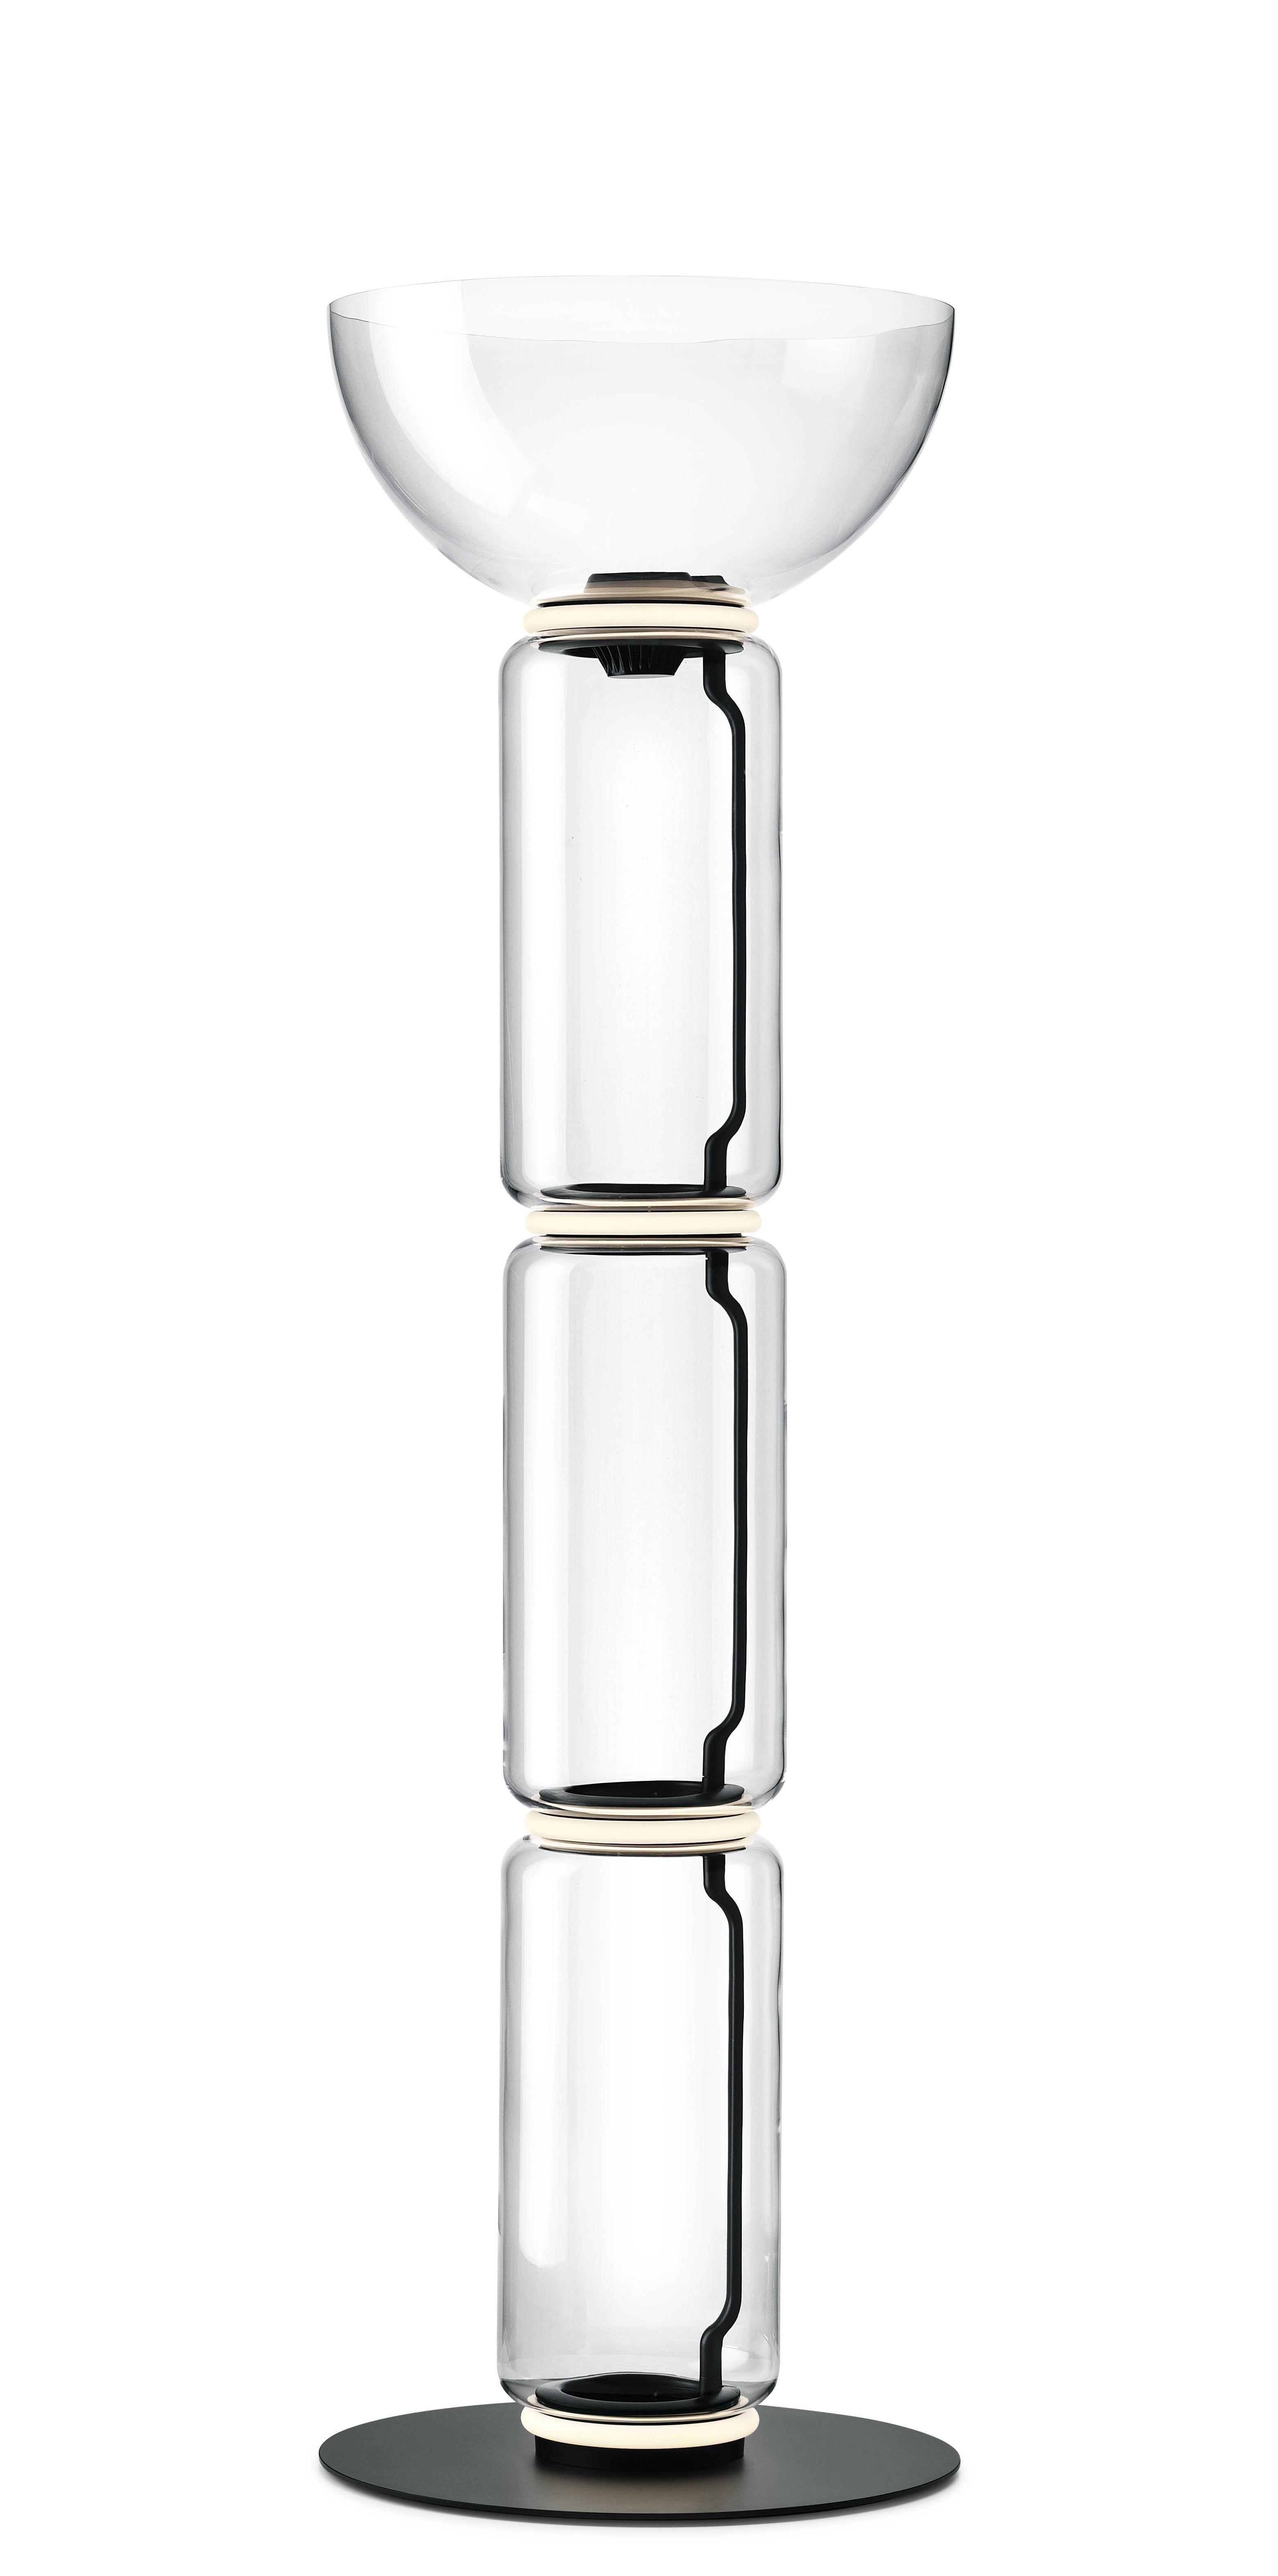 Luminaire - Lampadaires - Lampe à poser Noctambule Dôme / LED - Ø 55 x H 190 cm - Flos - Transparent - Acier, Fonte d'aluminium, Verre soufflé